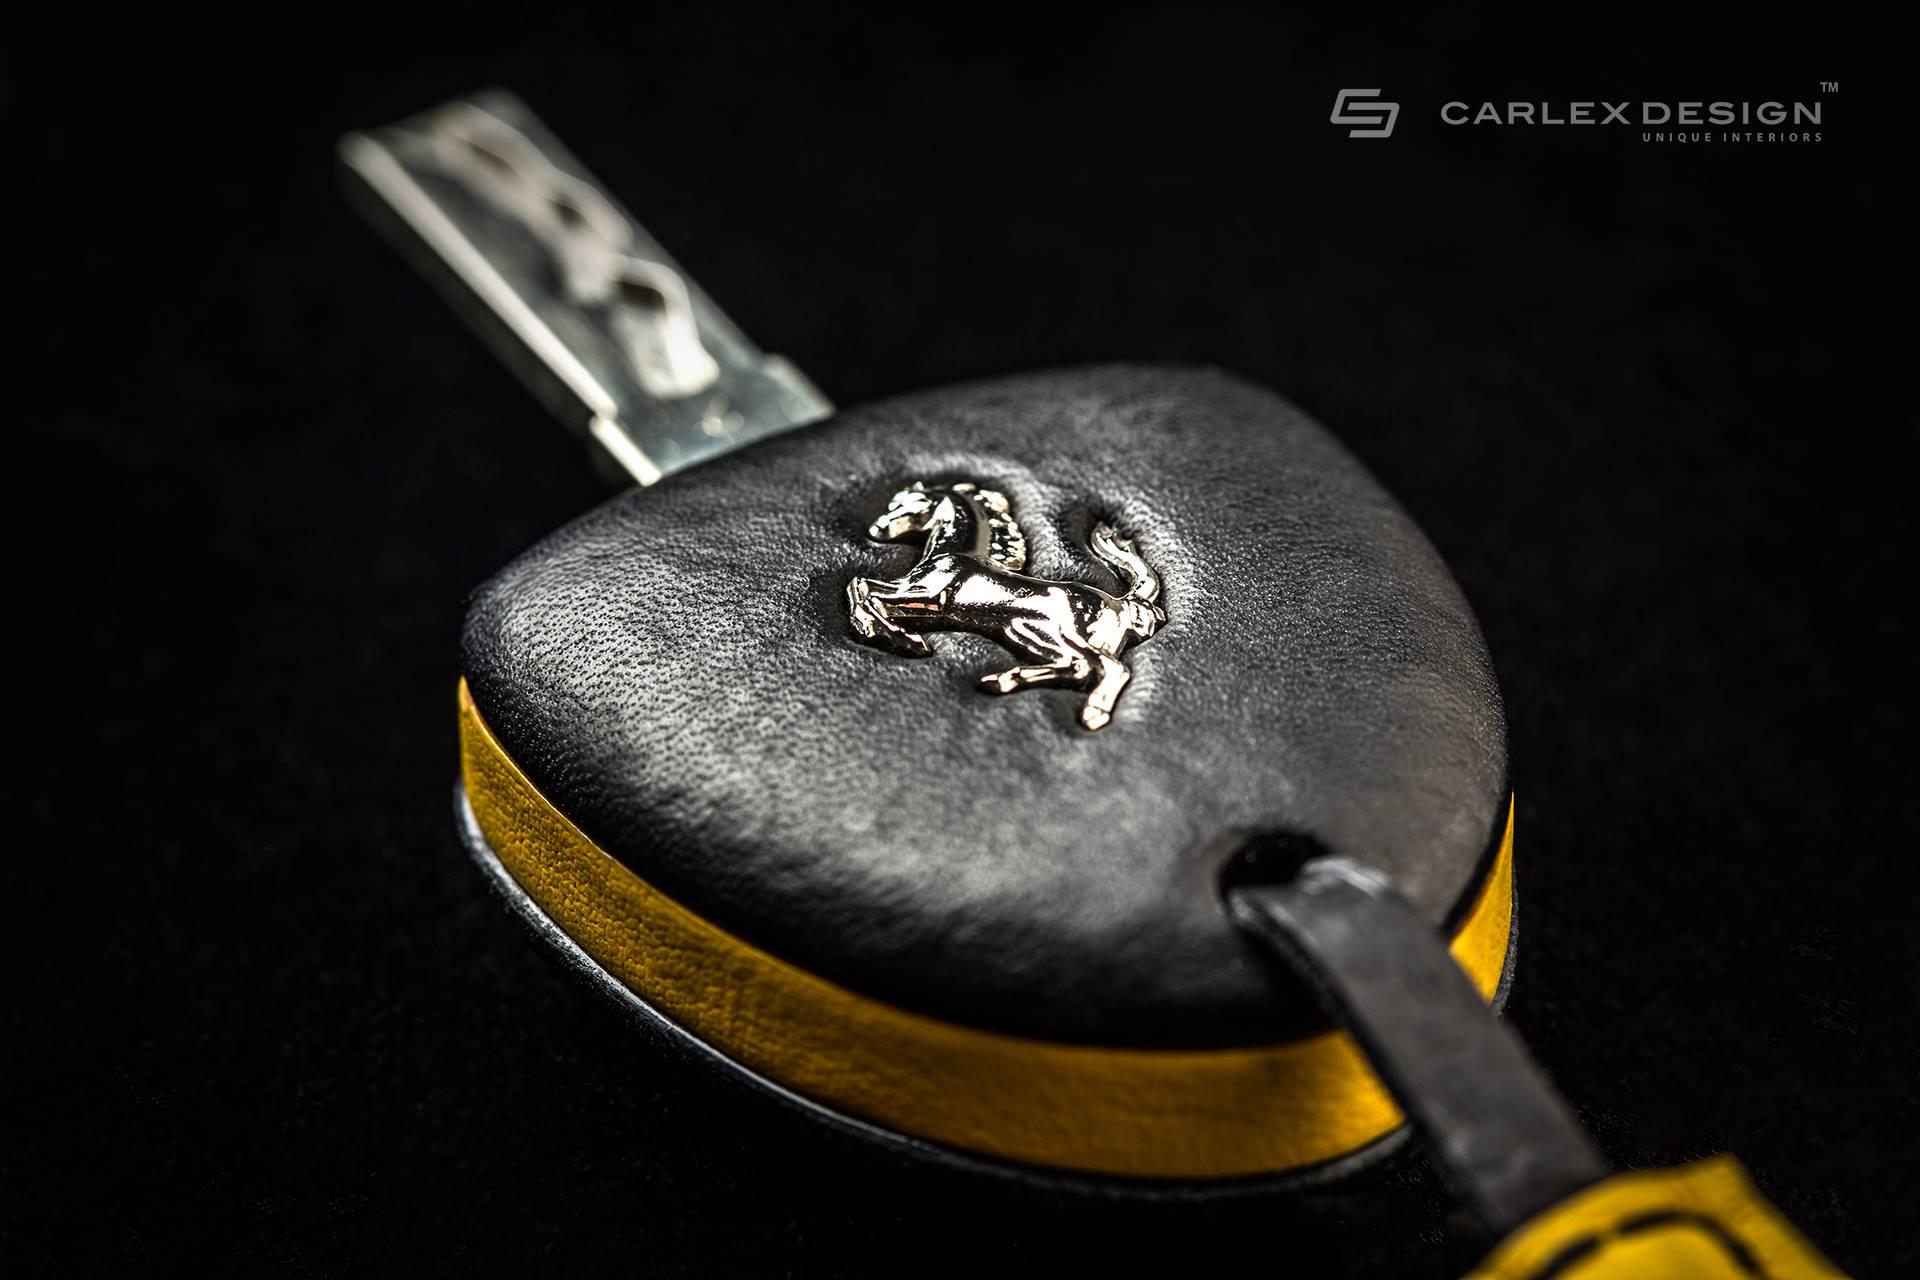 Ferrari F12berlinetta by Carlex Design (5)